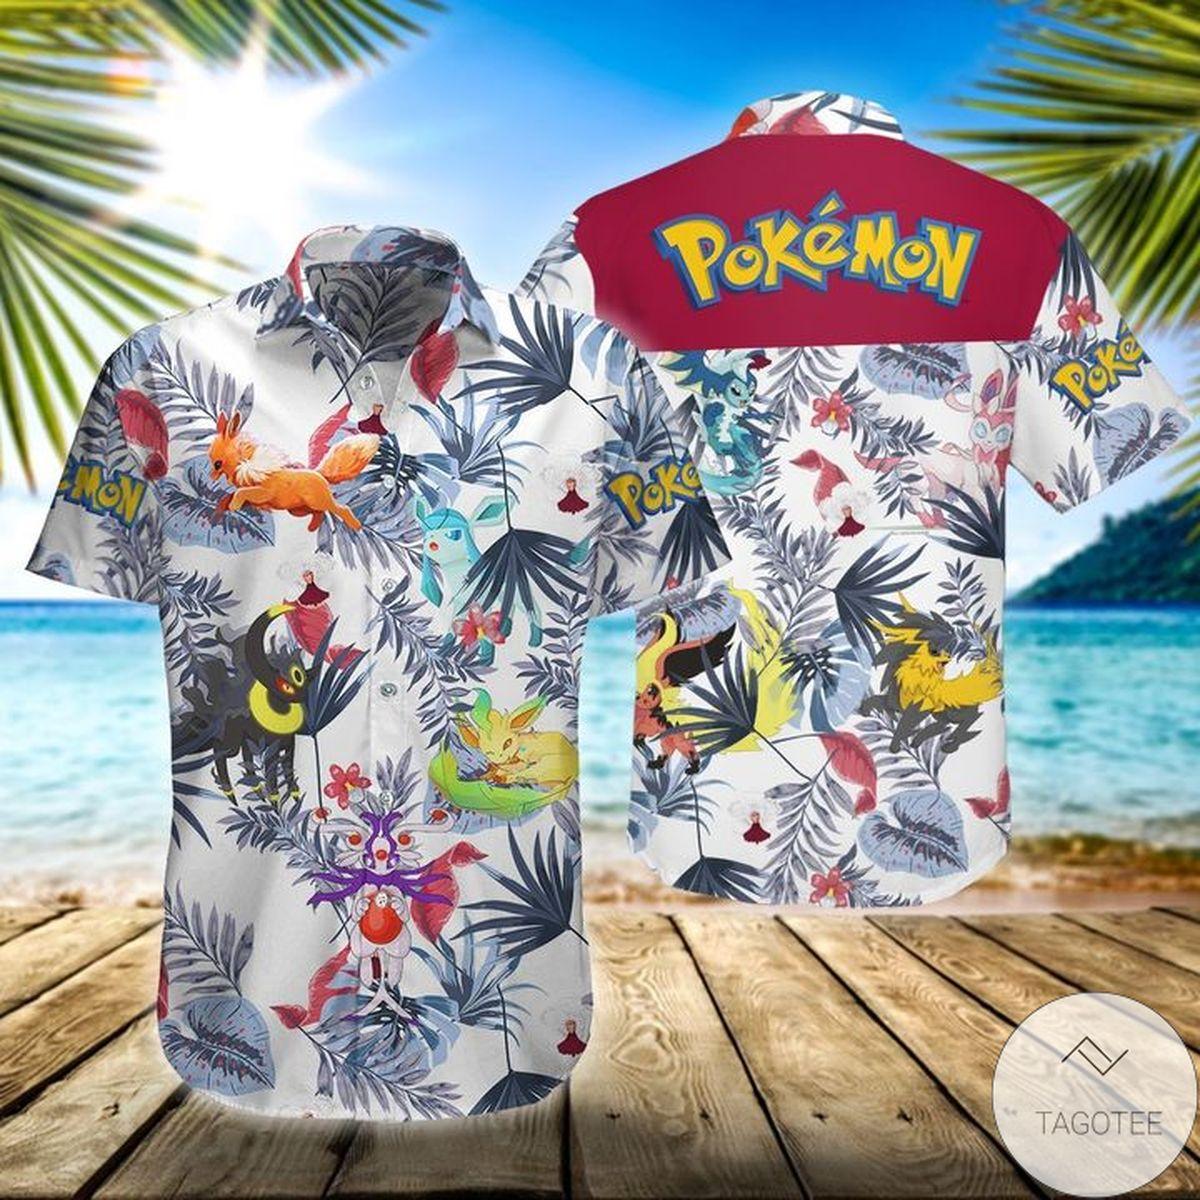 All Over Print Pokemon Eevee Hawaiian Shirt